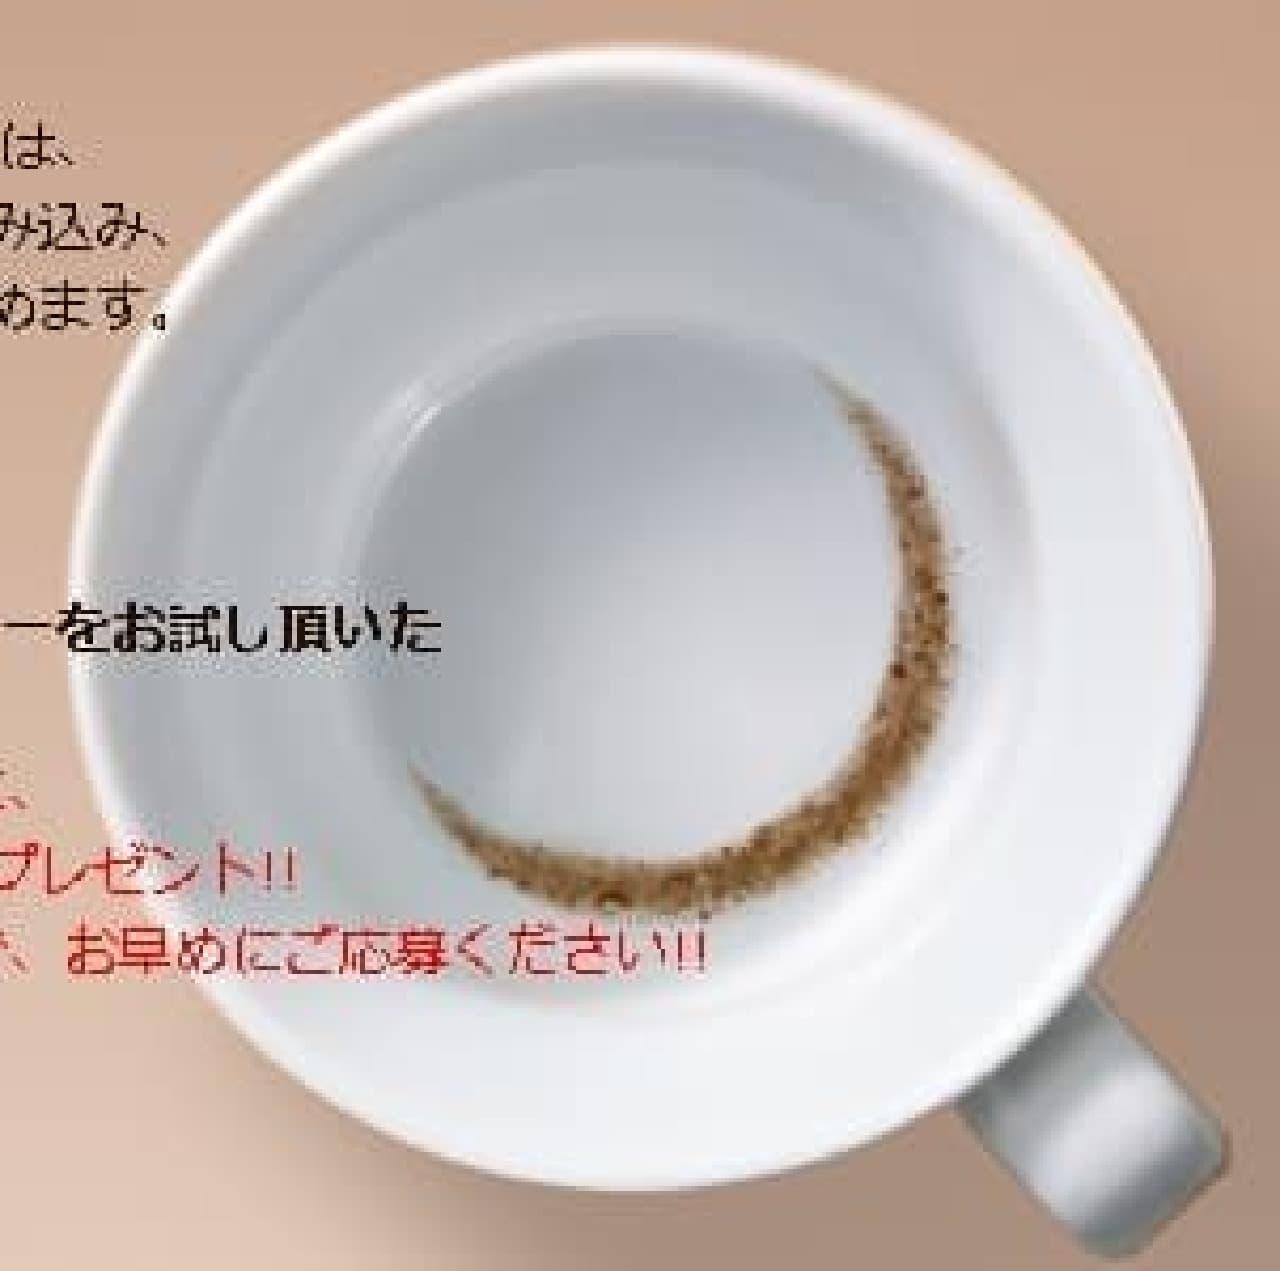 カップの底に残る「クレッセント(三日月)」  (ネスレ日本の Web サイトより)